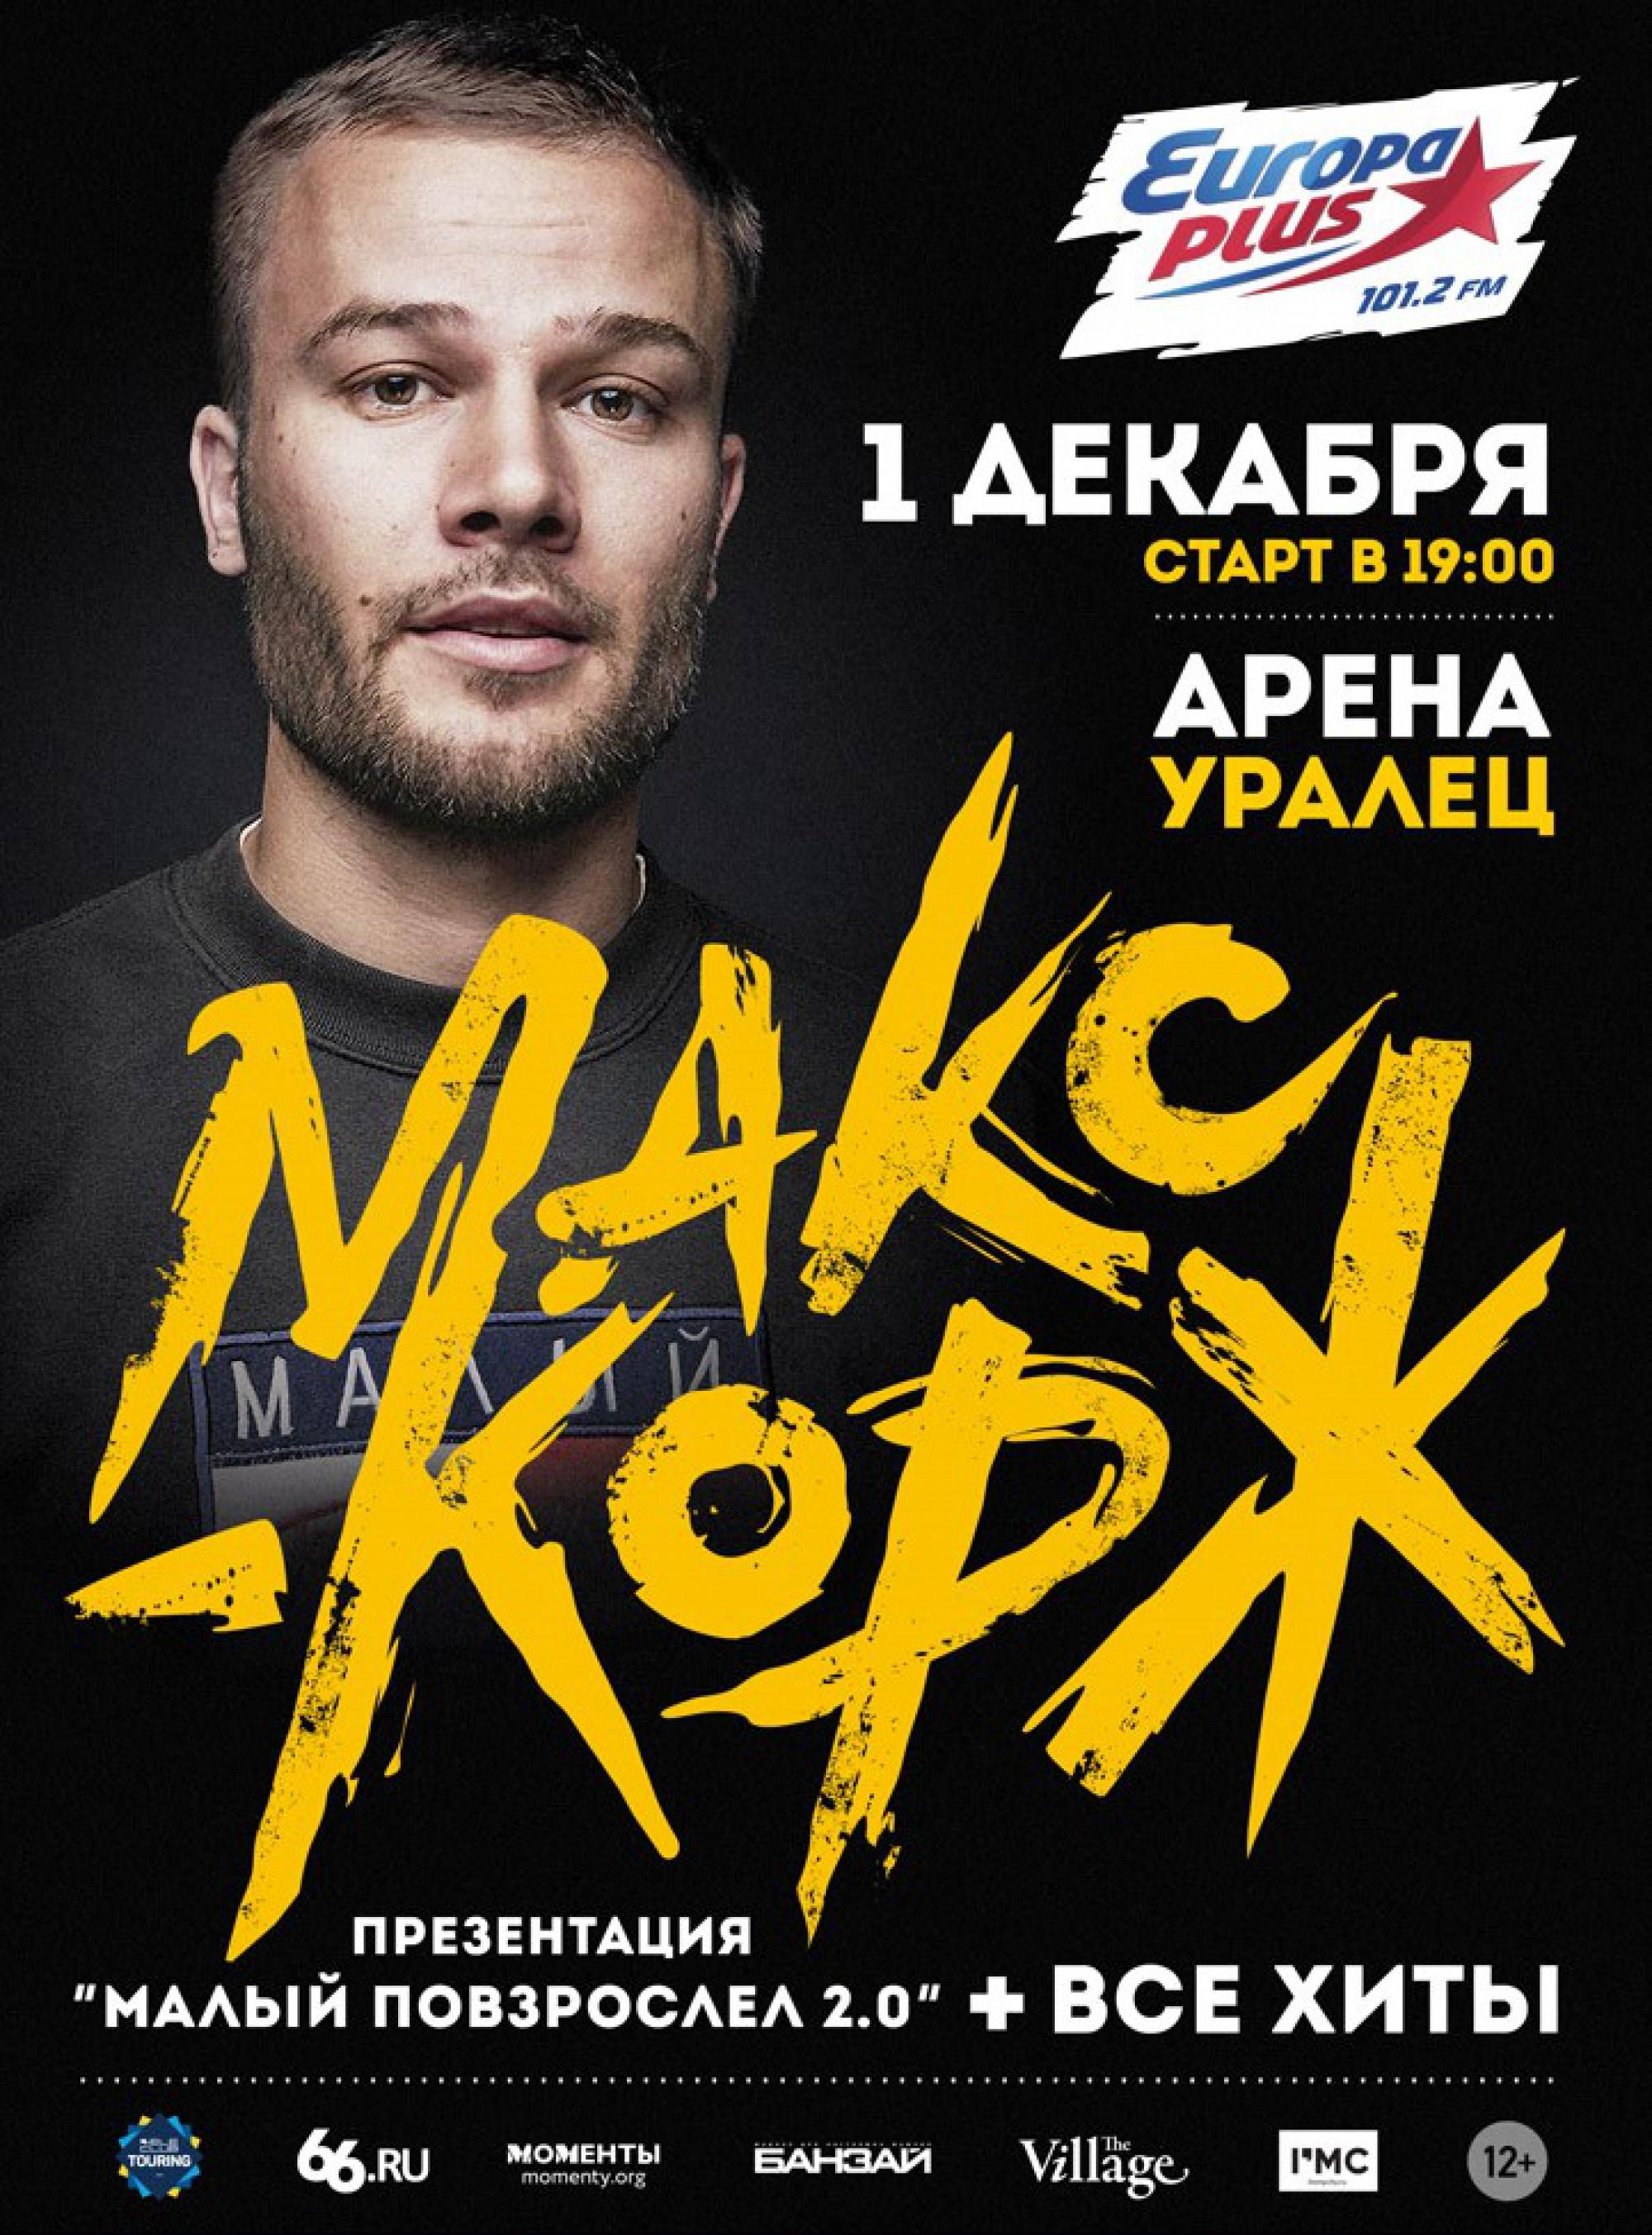 Купить билеты на концерт макса коржа в екатеринбурге кировский театр кукол афиши